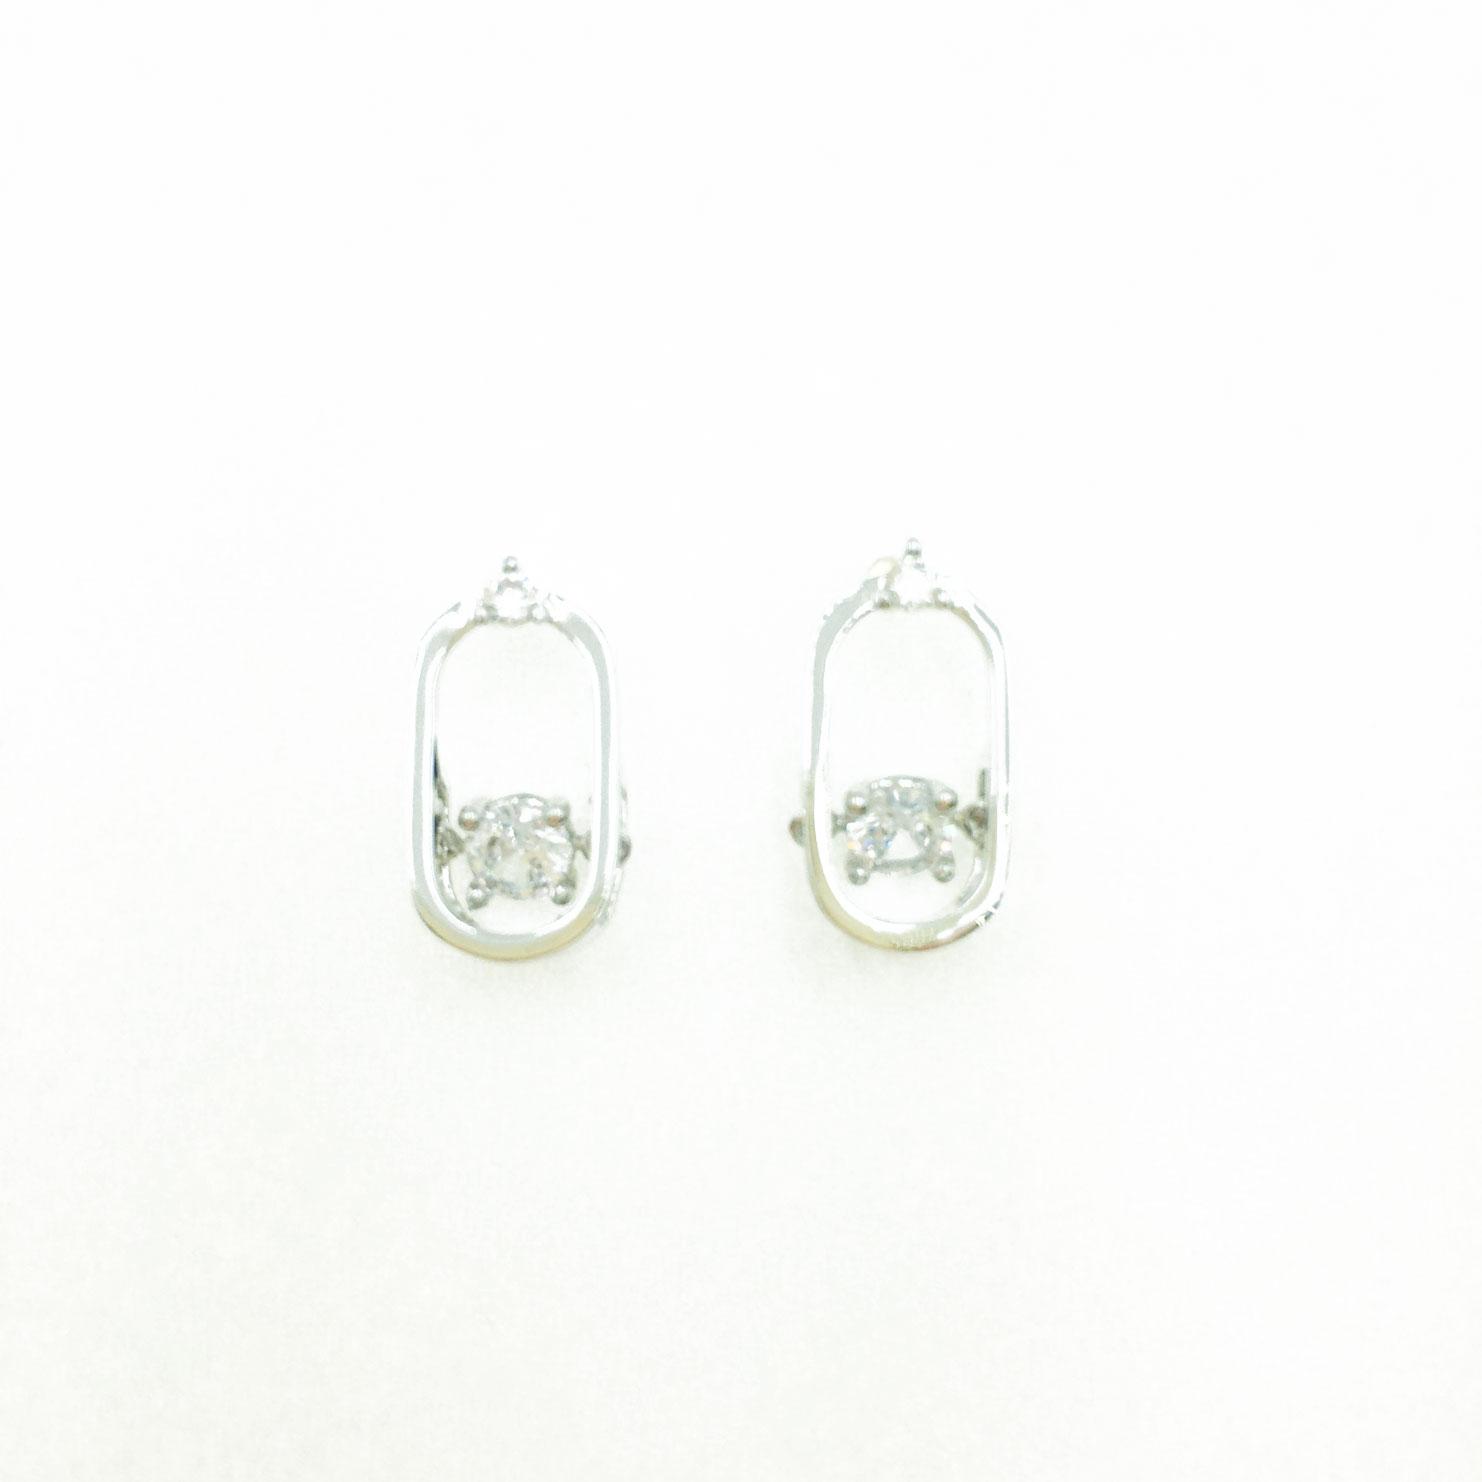 韓國 925純銀 水鑽 橢圓 簍空 造型 銀色 明星款飾品 耳針式耳環